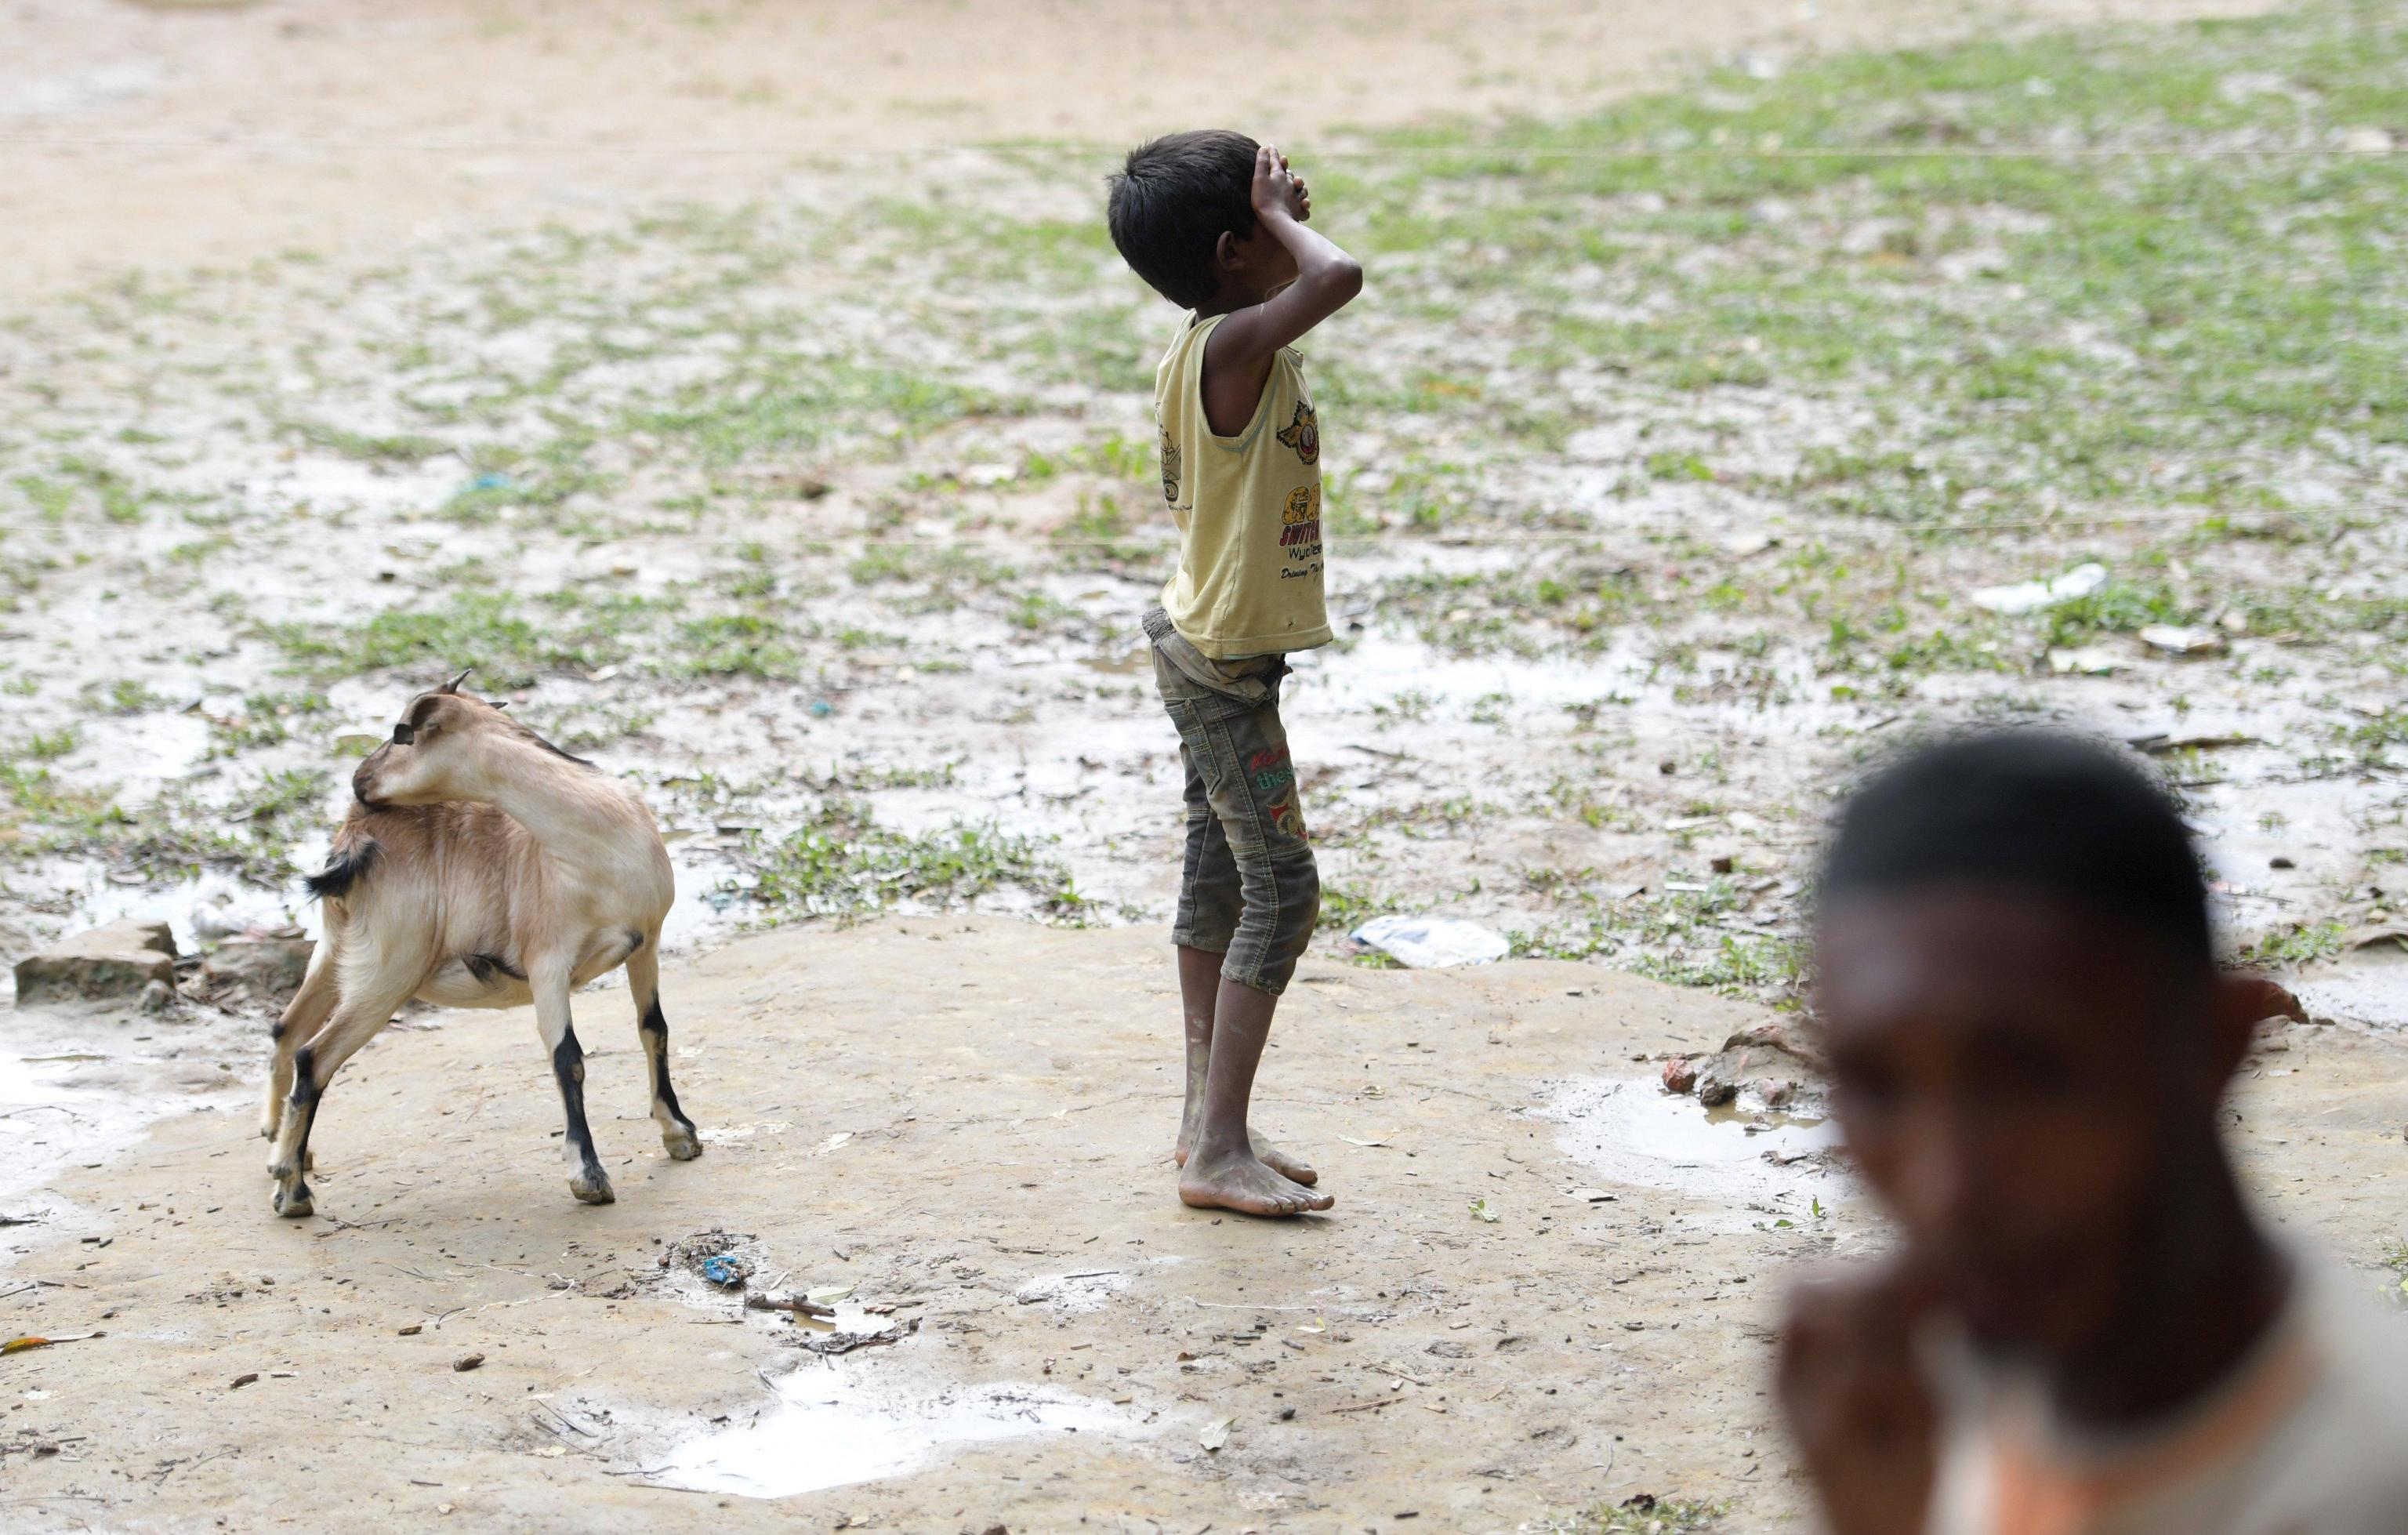 Un bimbo in evidente stato di indigenza